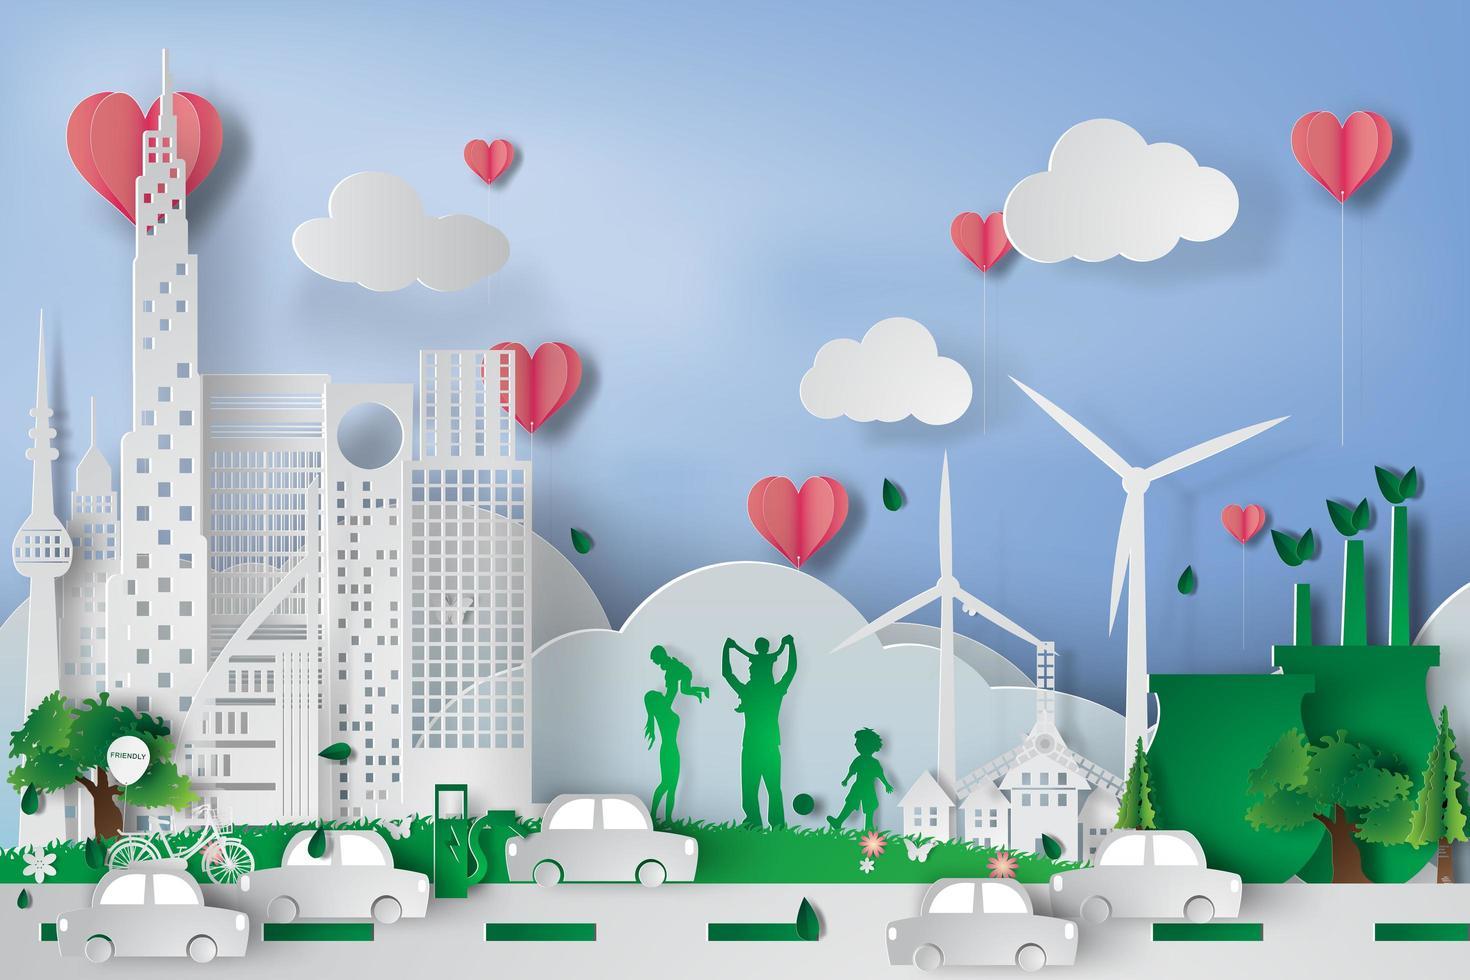 papier découpé ville verte avec des éléments écologiques vecteur